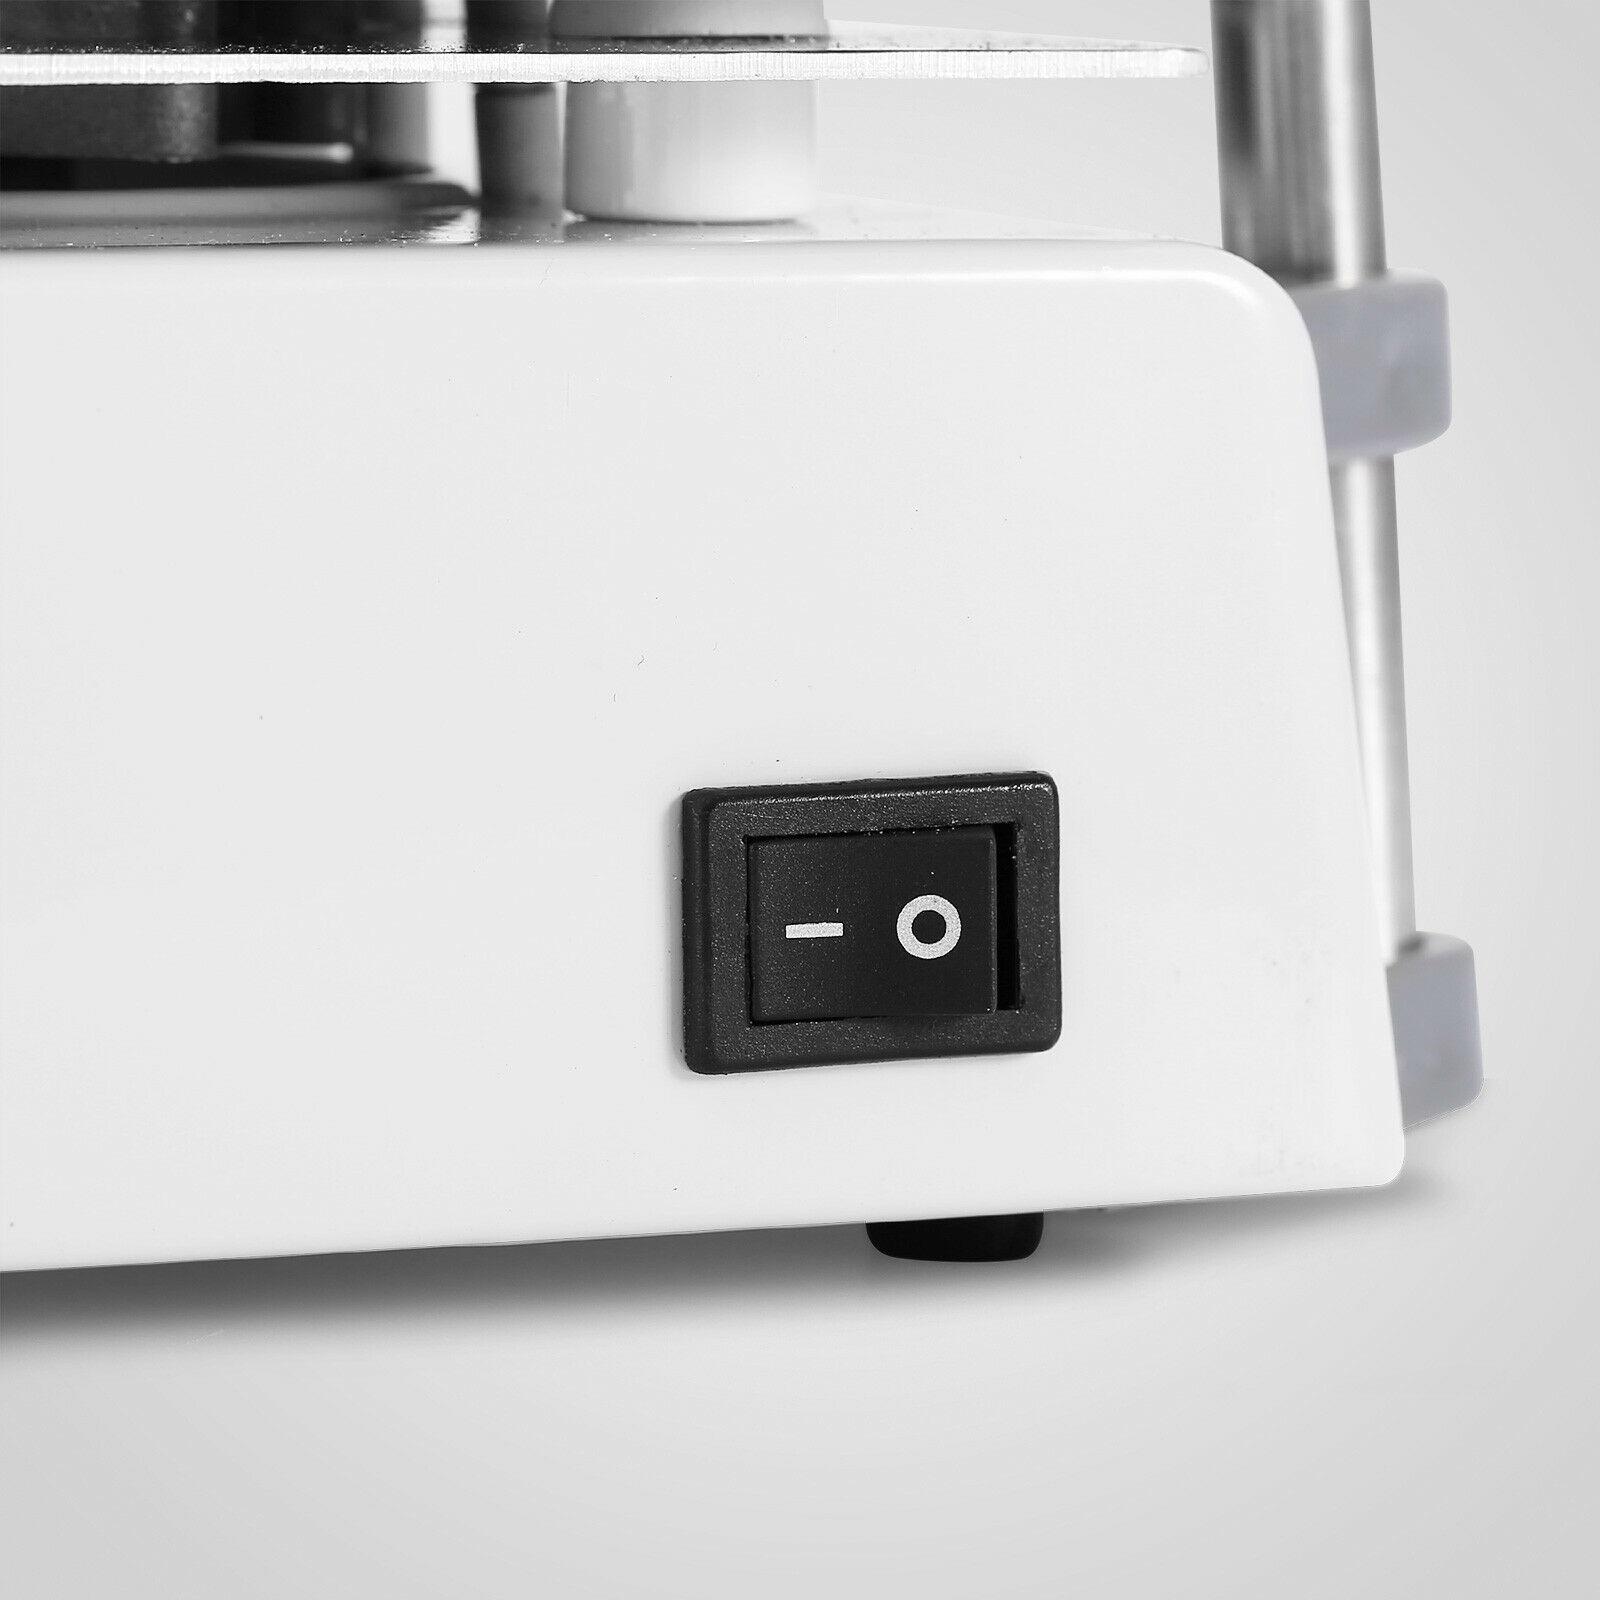 Sh 2 Магнитная мешалка с горячей плитой с двойным управлением нагревательный держатель для перемешивания лаборатория - 5